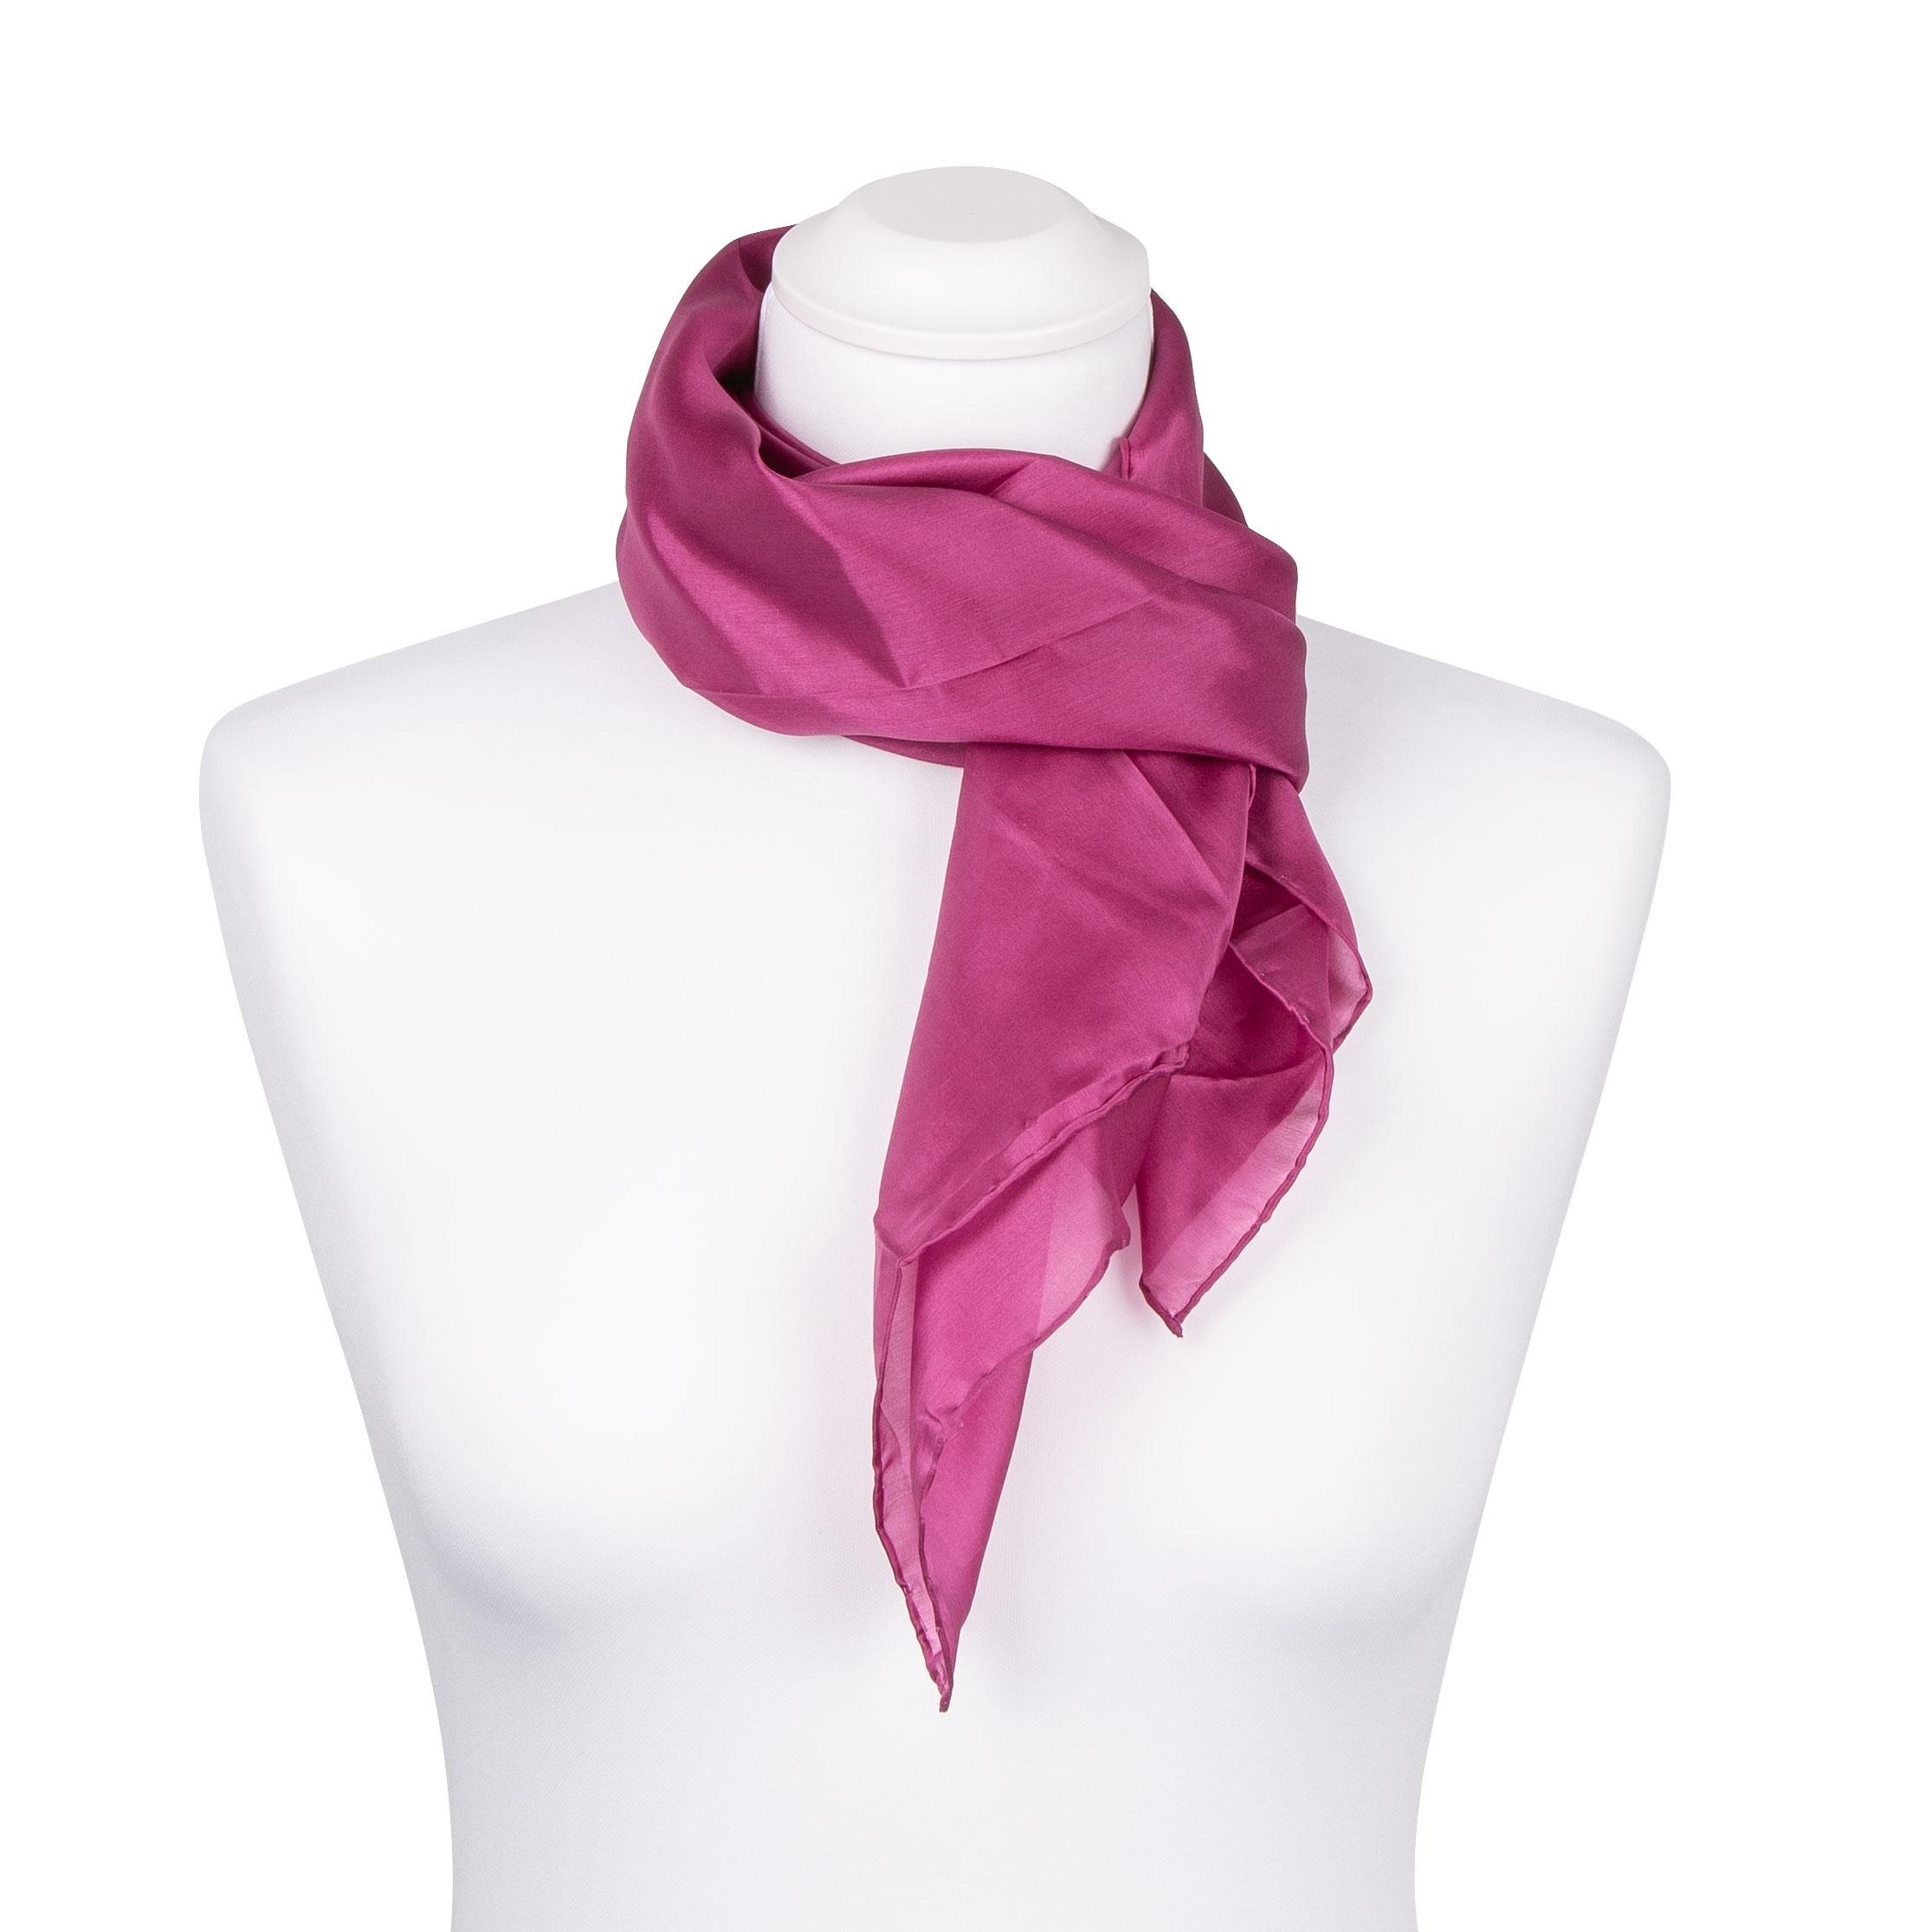 Seidentuch Halstuch Schal purpur